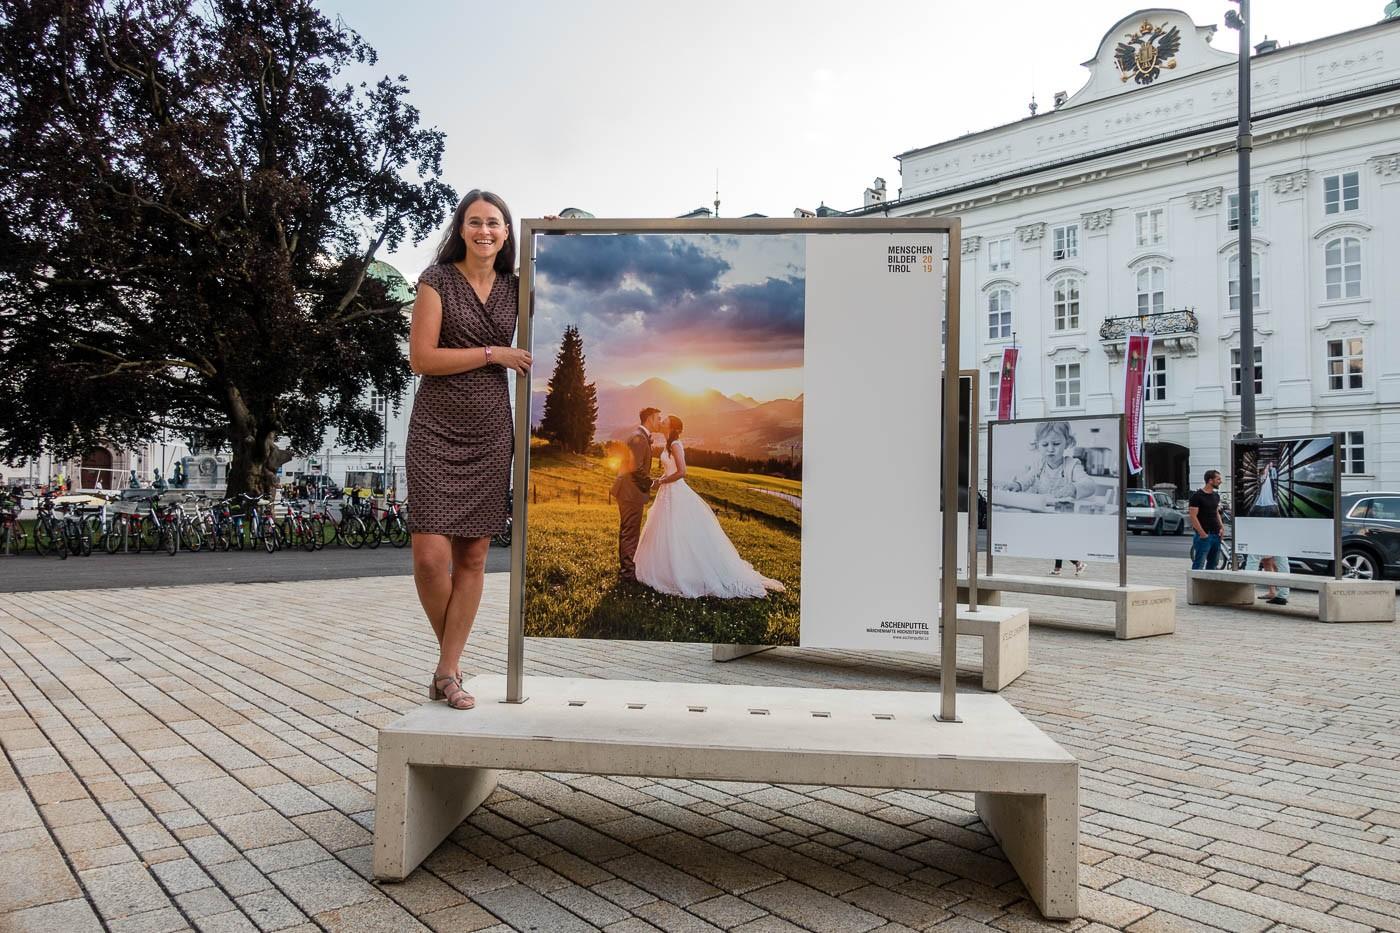 fotografin-christina-gaio-ausstellung-menschenbilder-innsbruck-tirol